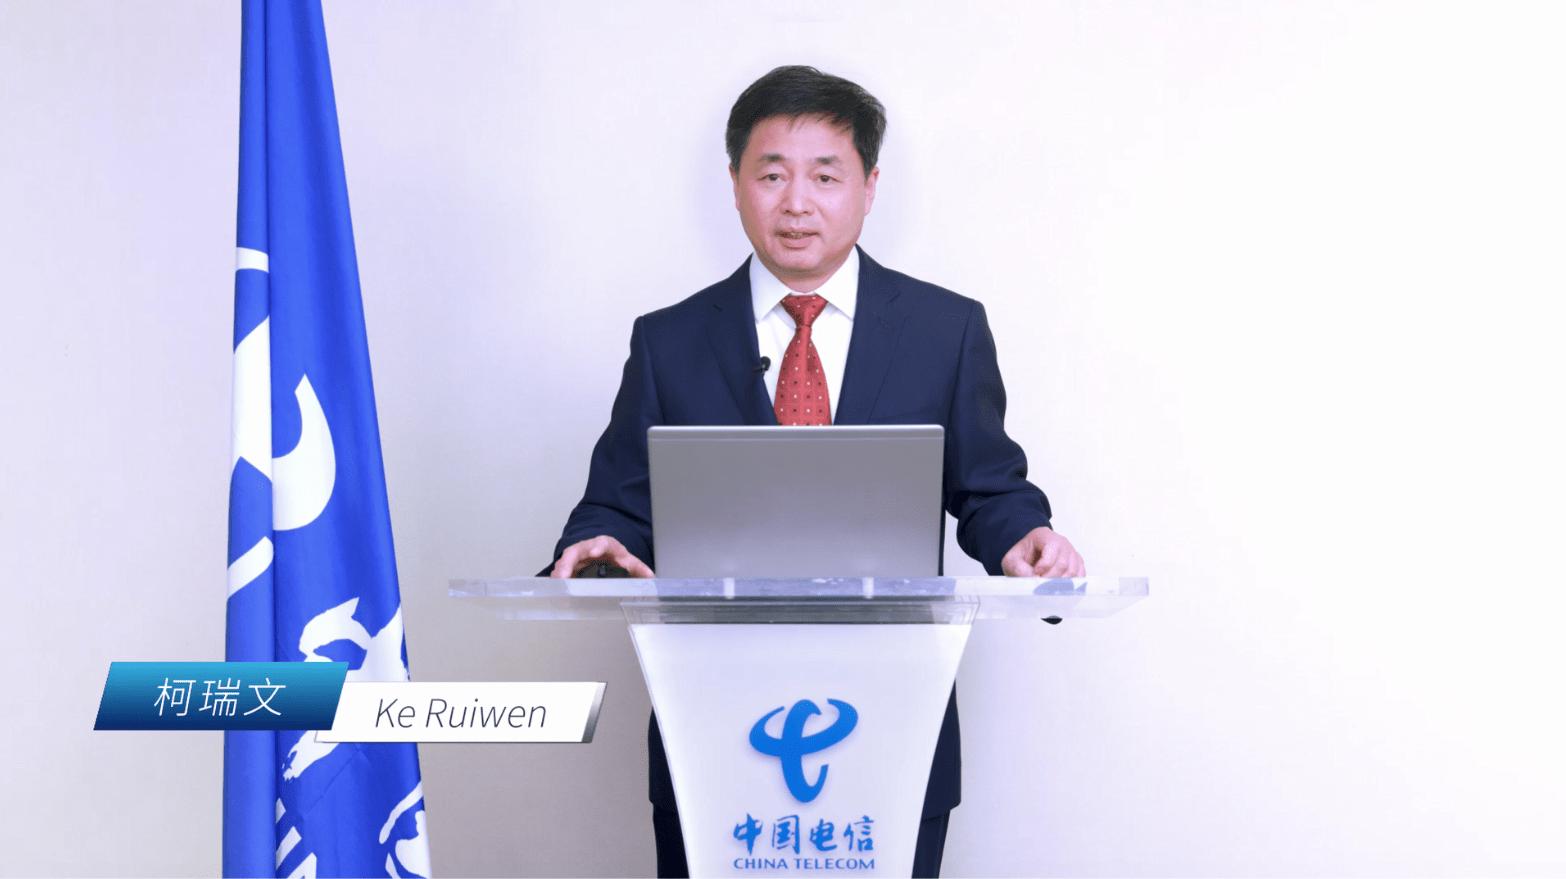 中国电信柯瑞文:5G进一步成熟需产业各界共同努力